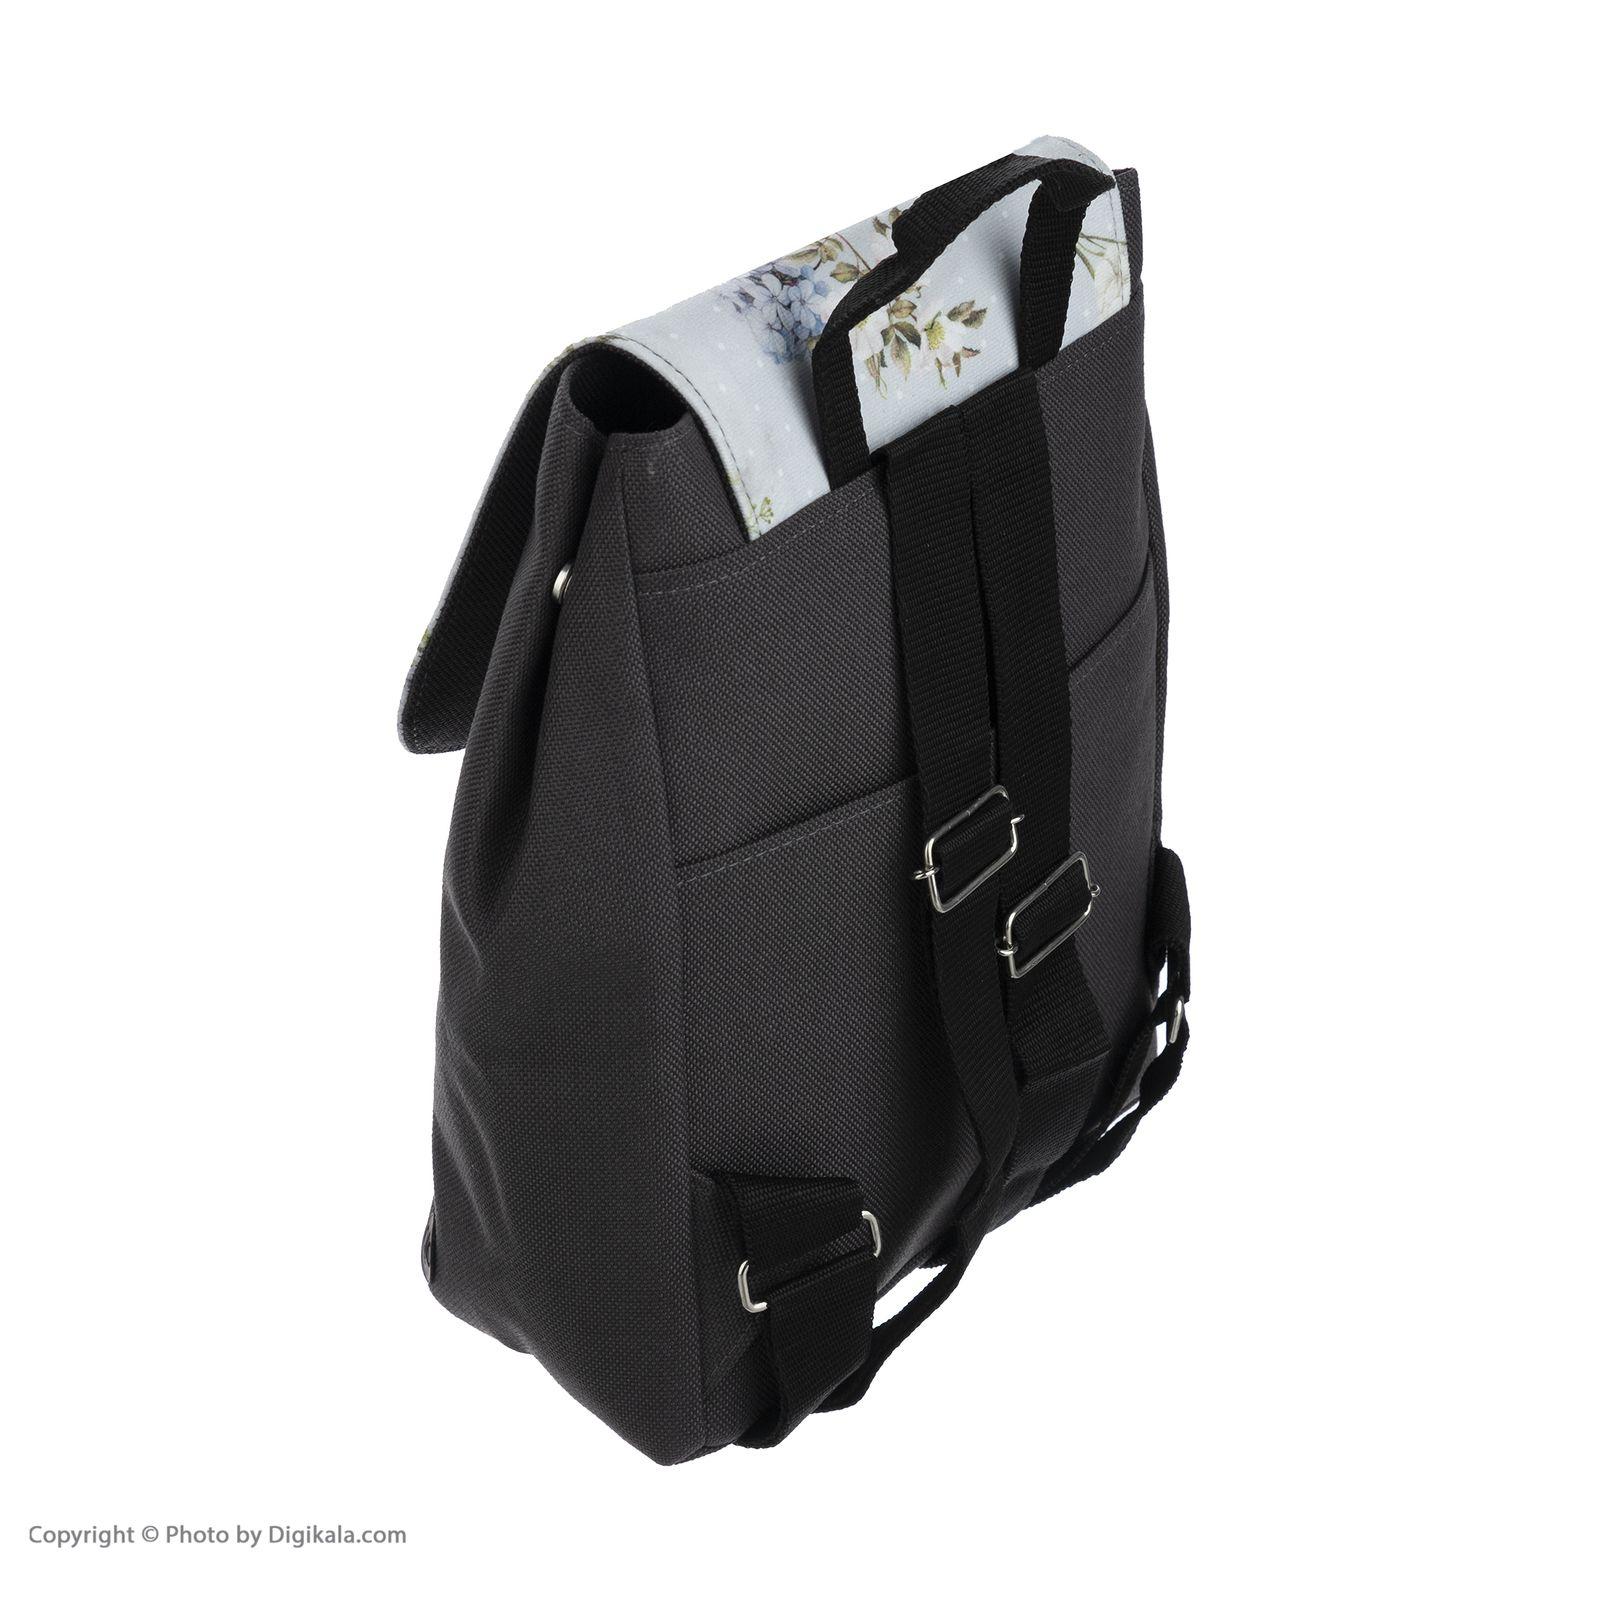 کوله پشتی زنانه میو مدل MBPM122 -  - 3